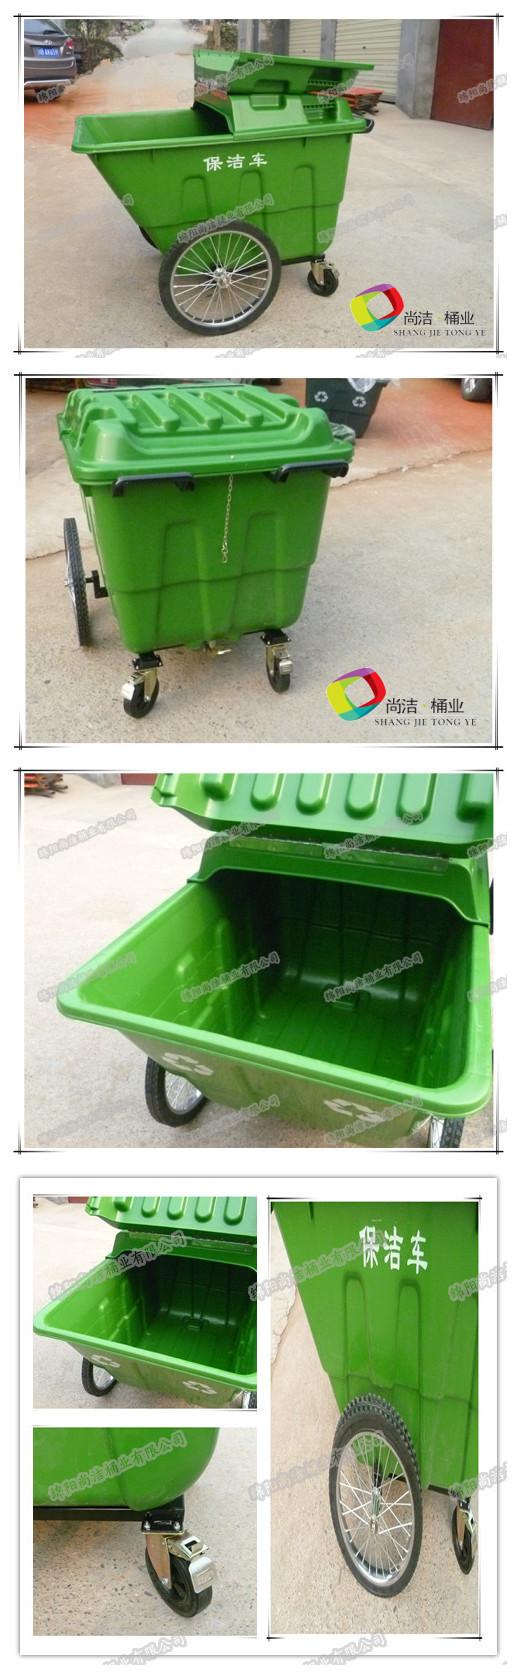 塑料垃圾车图片